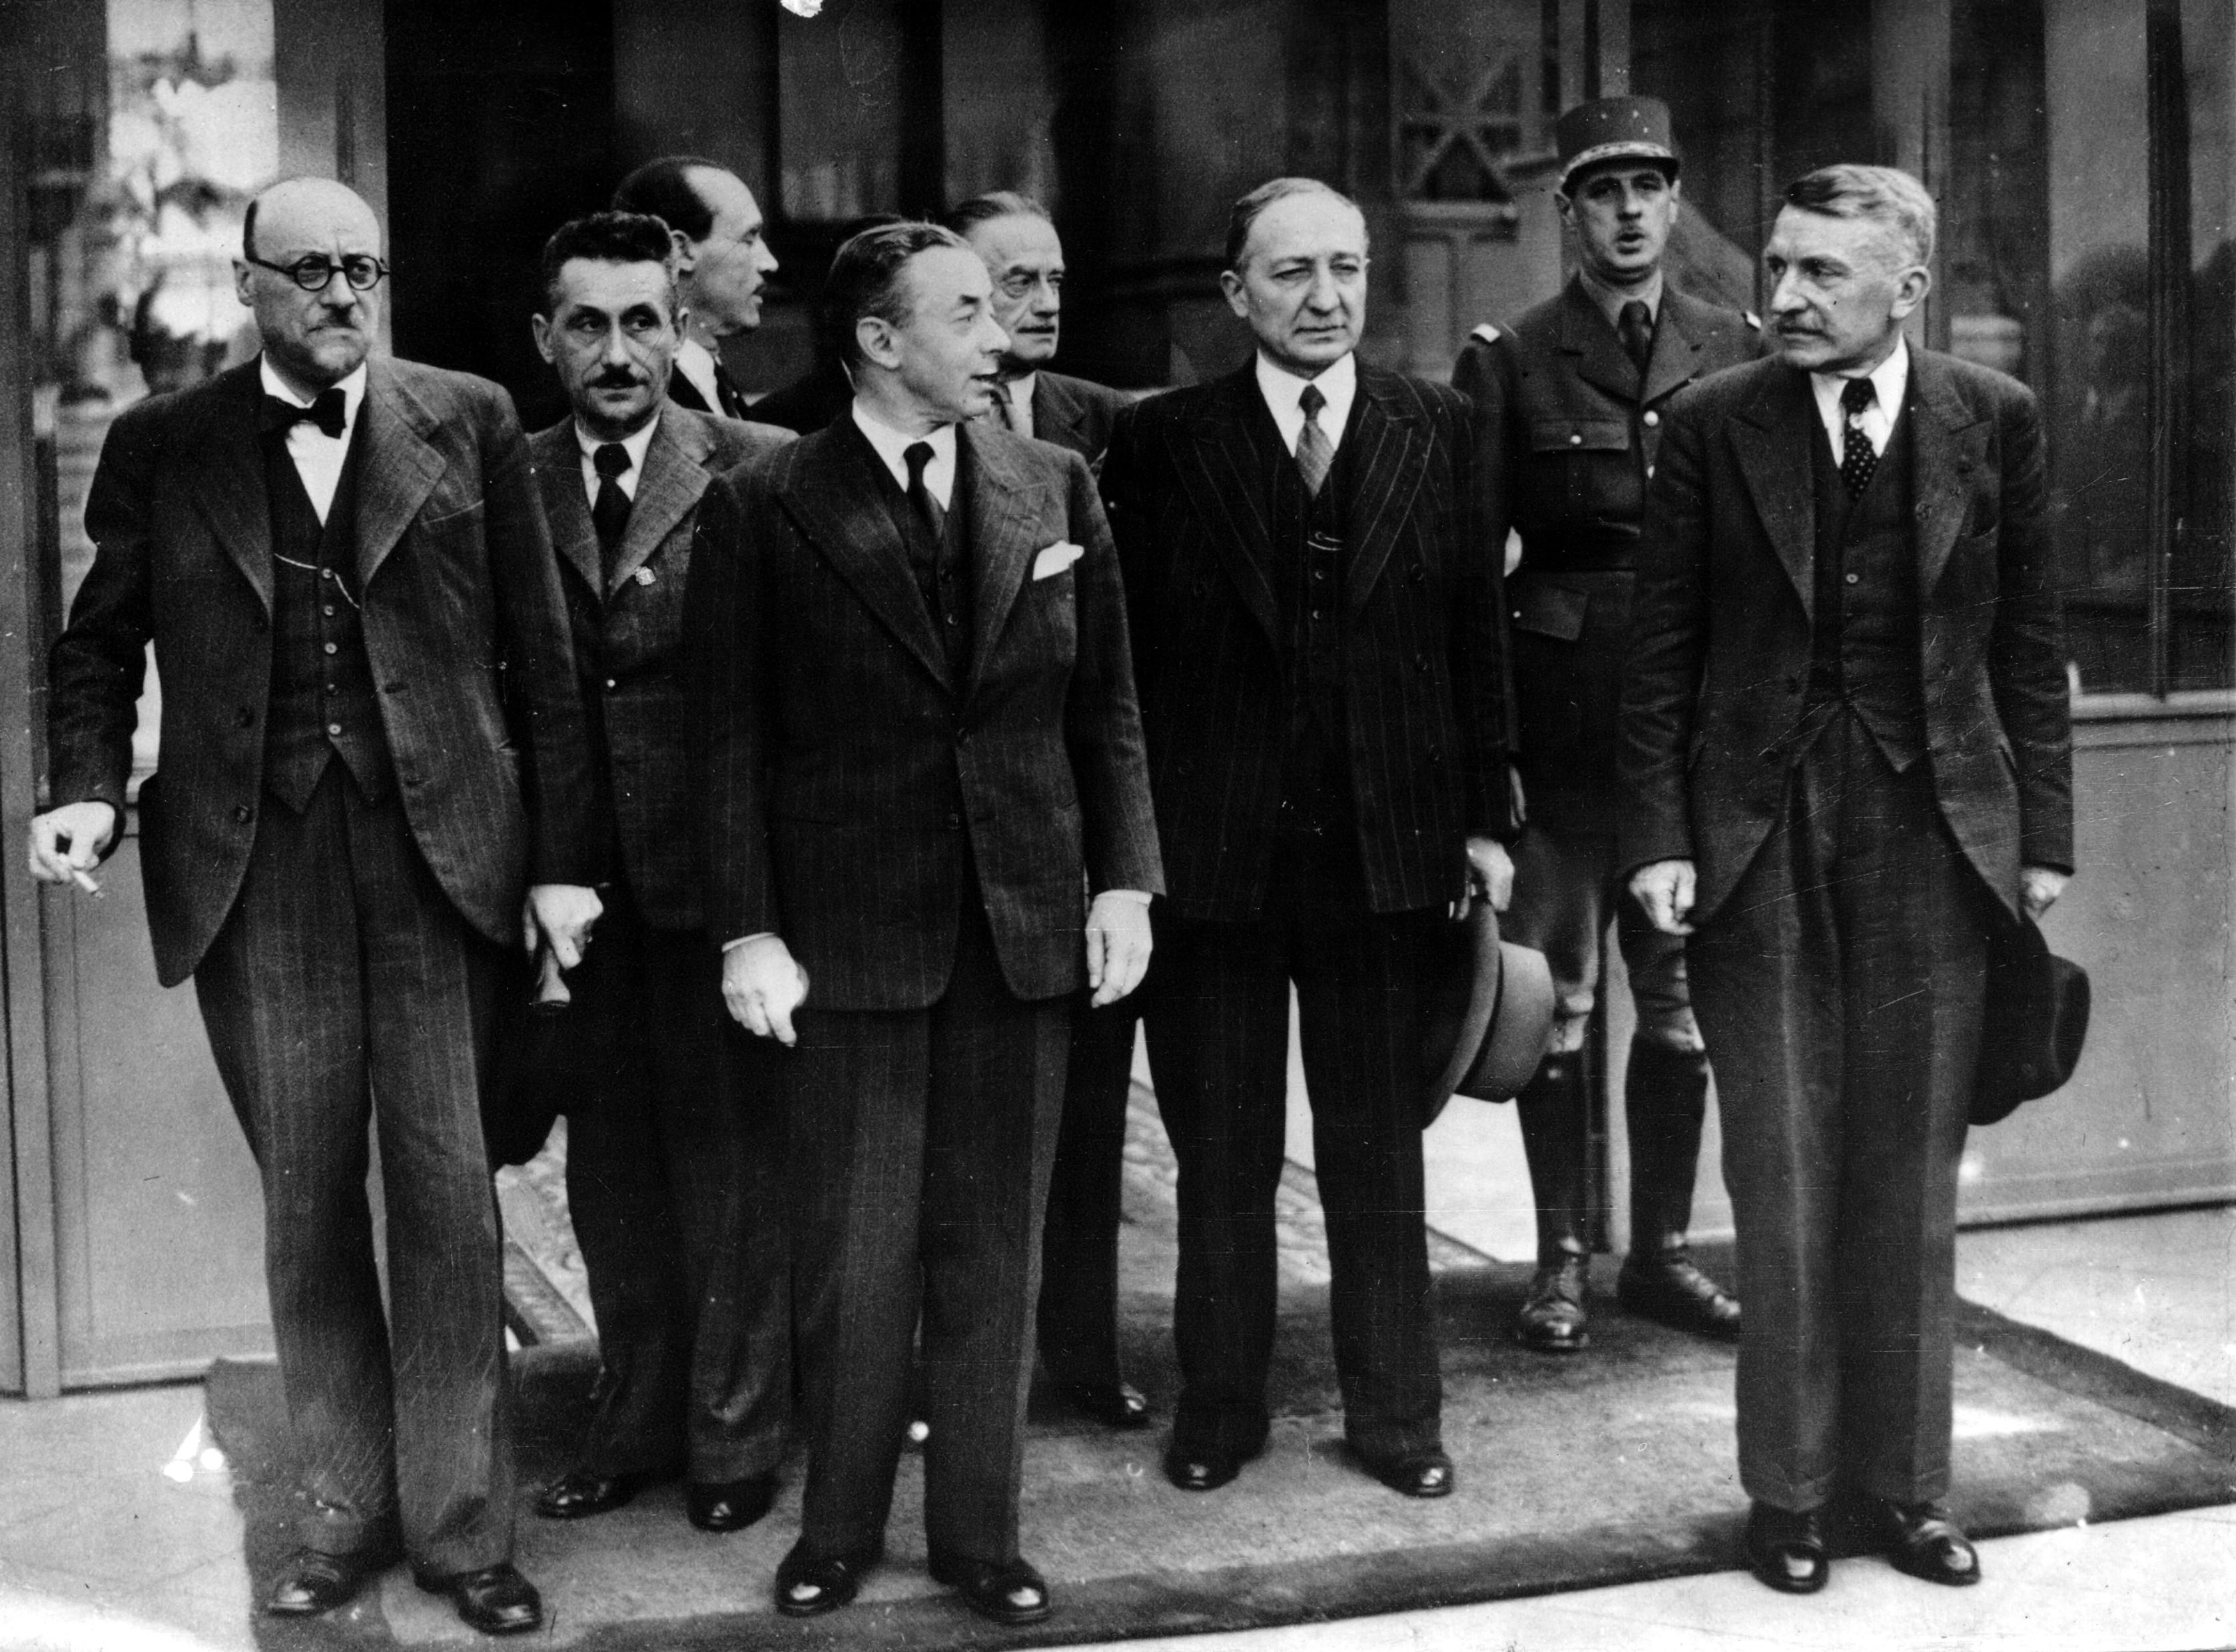 Le 6 juin 1940, de Gaulle pose dans la cour de l'Hôtel de Brienne car il vient d'intégrer le gouvernement de Paul Reynaud